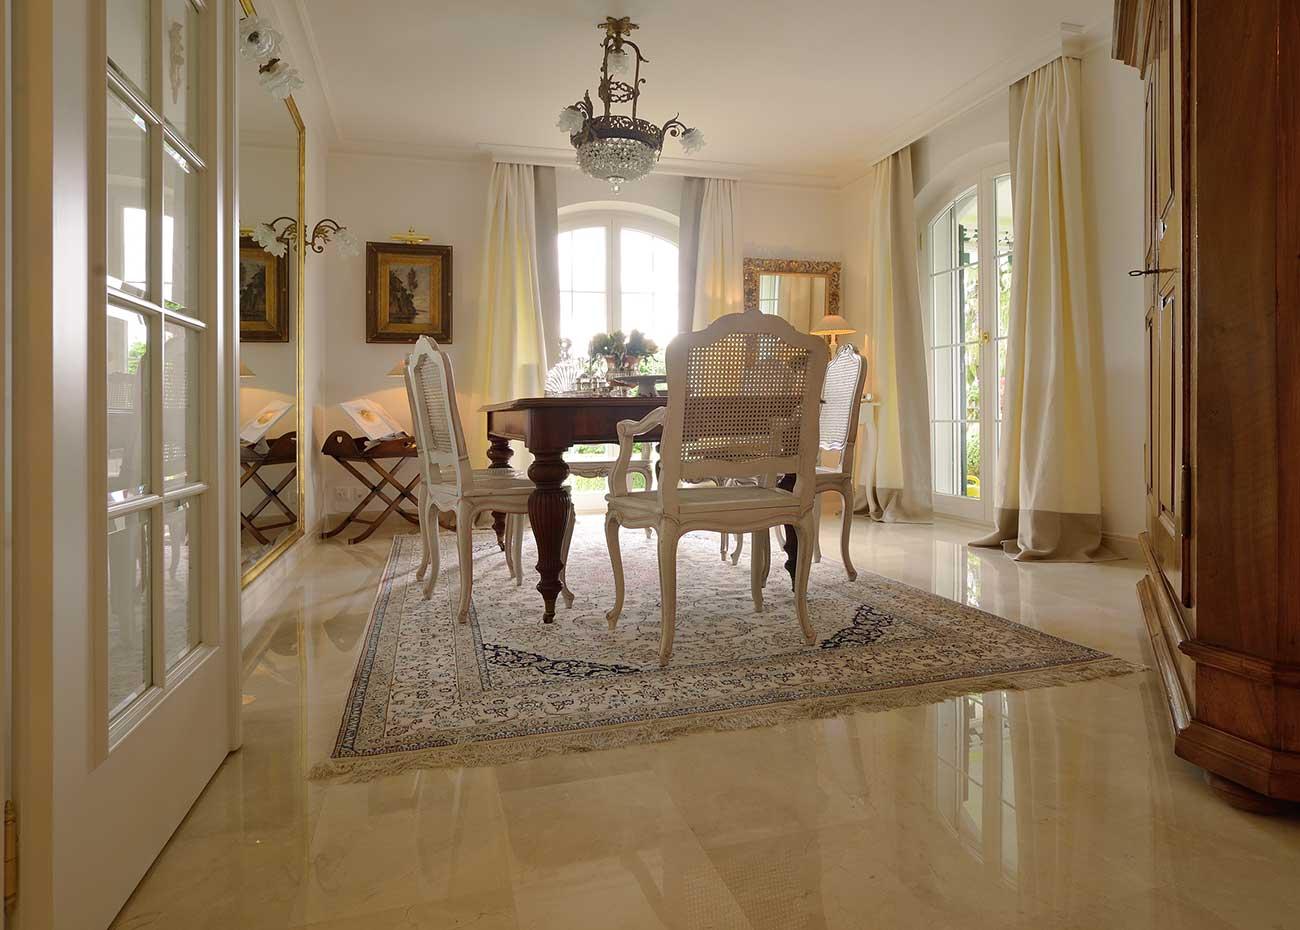 villa-con-pavimento-in-marmo-spagnolo-crema-marfil